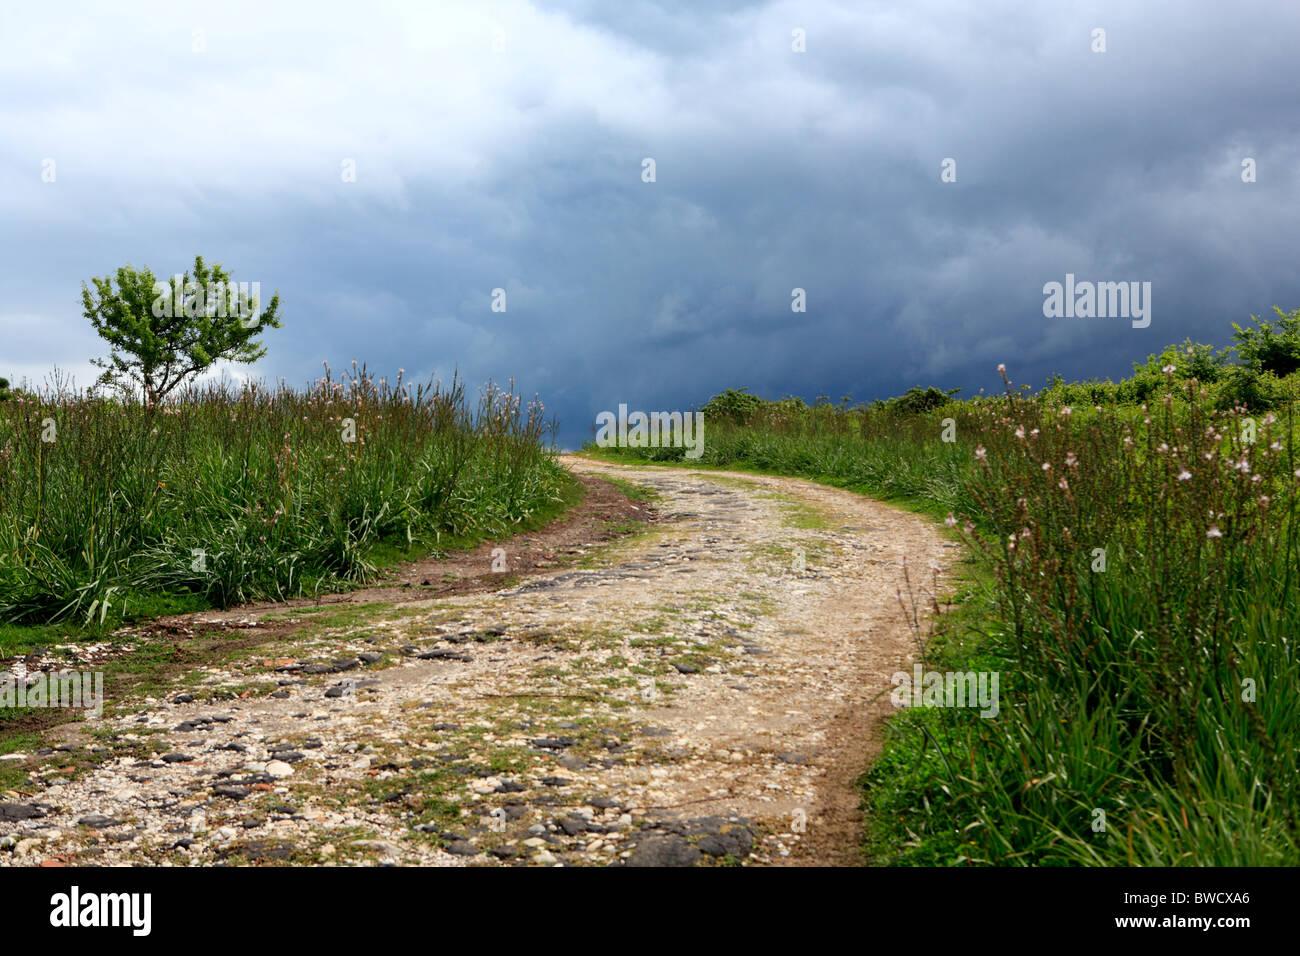 Ruines de l'antique Apollonia, district Fier, Albanie Photo Stock